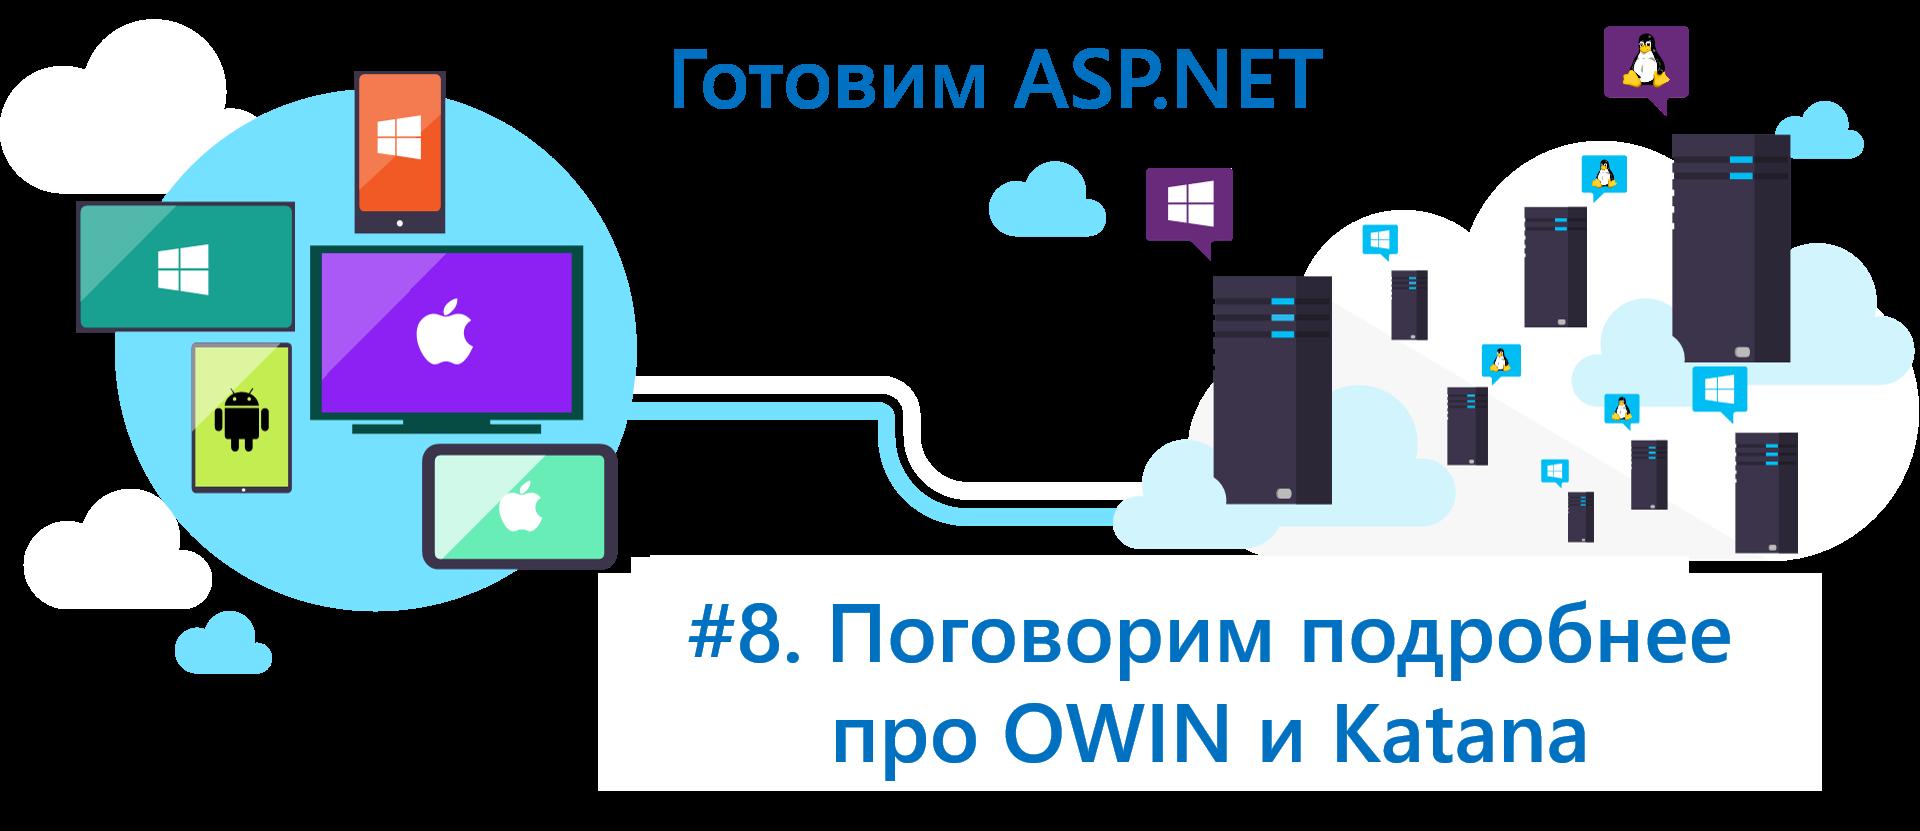 Готовим ASP.NET Core: поговорим подробнее про OWIN и Katana - 1